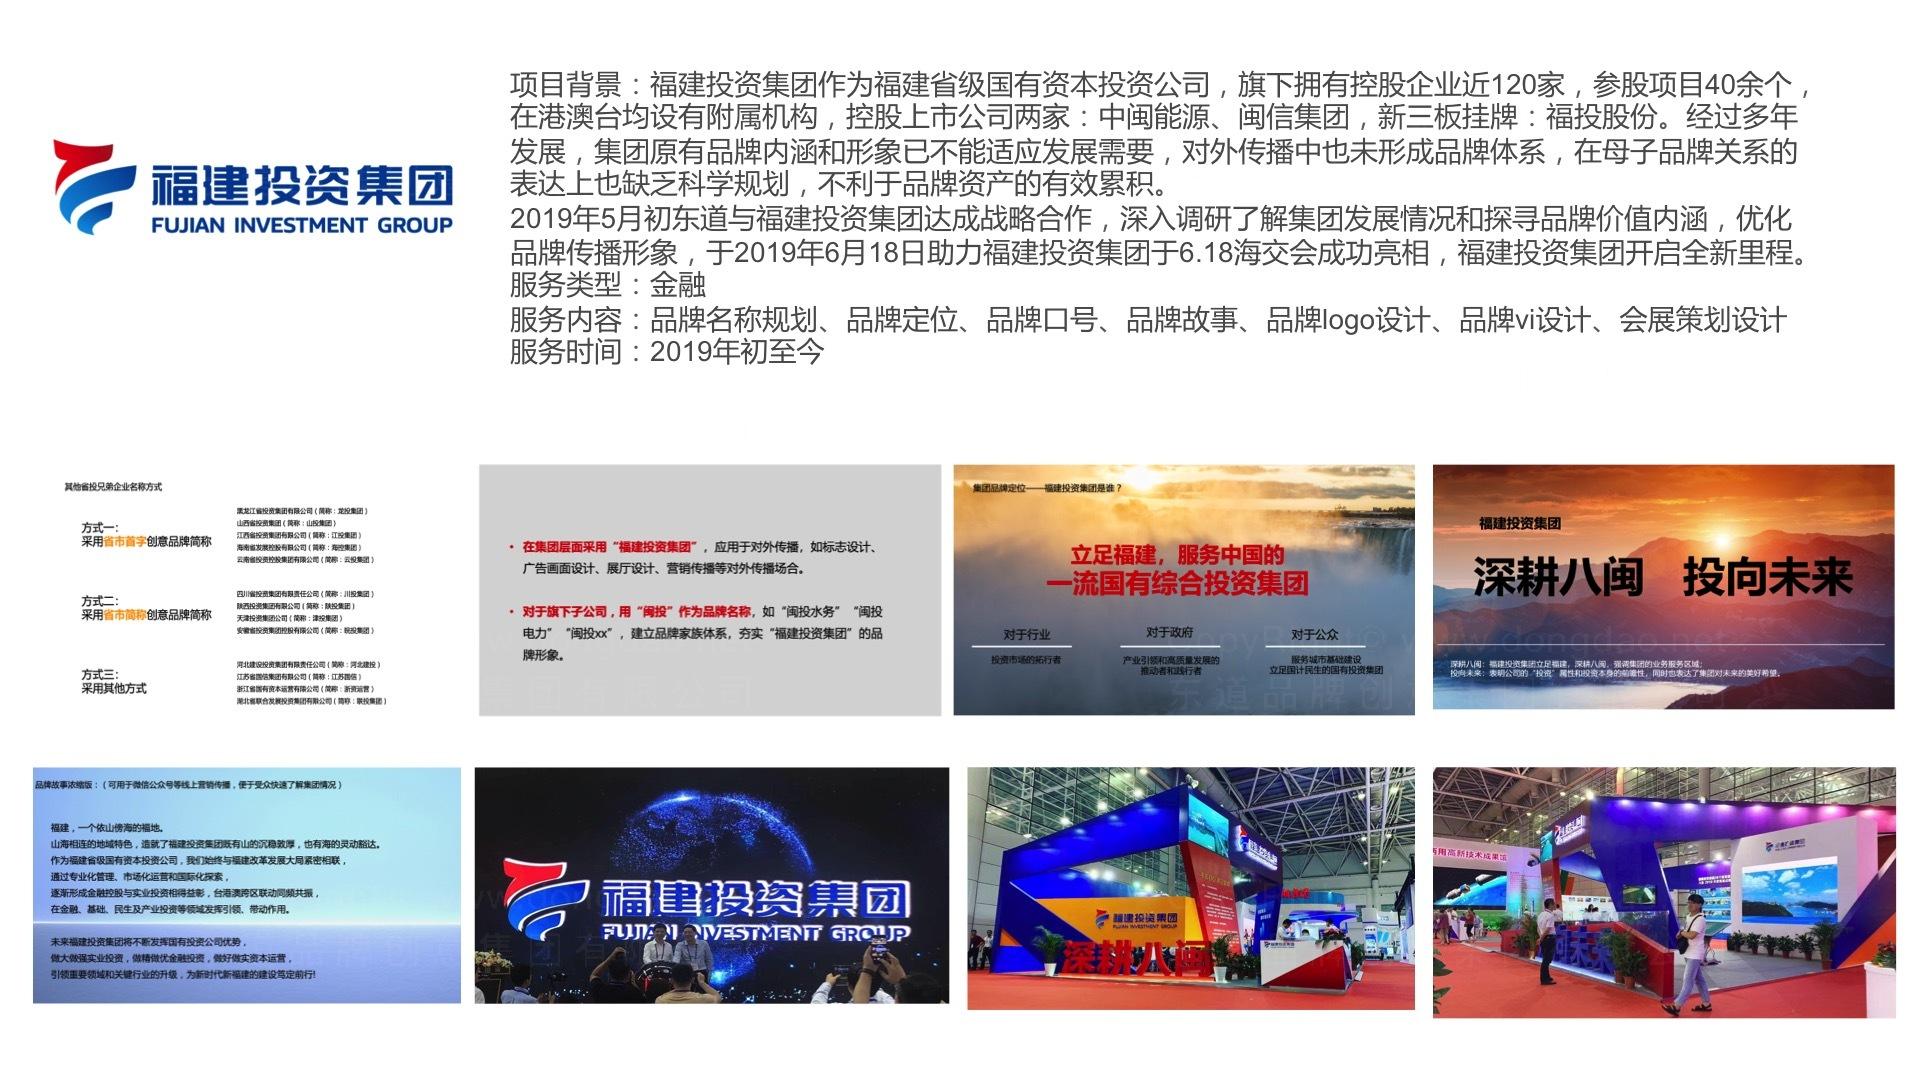 政府组织品牌战略&企业文化福建投资集团福建投资集团品牌战略